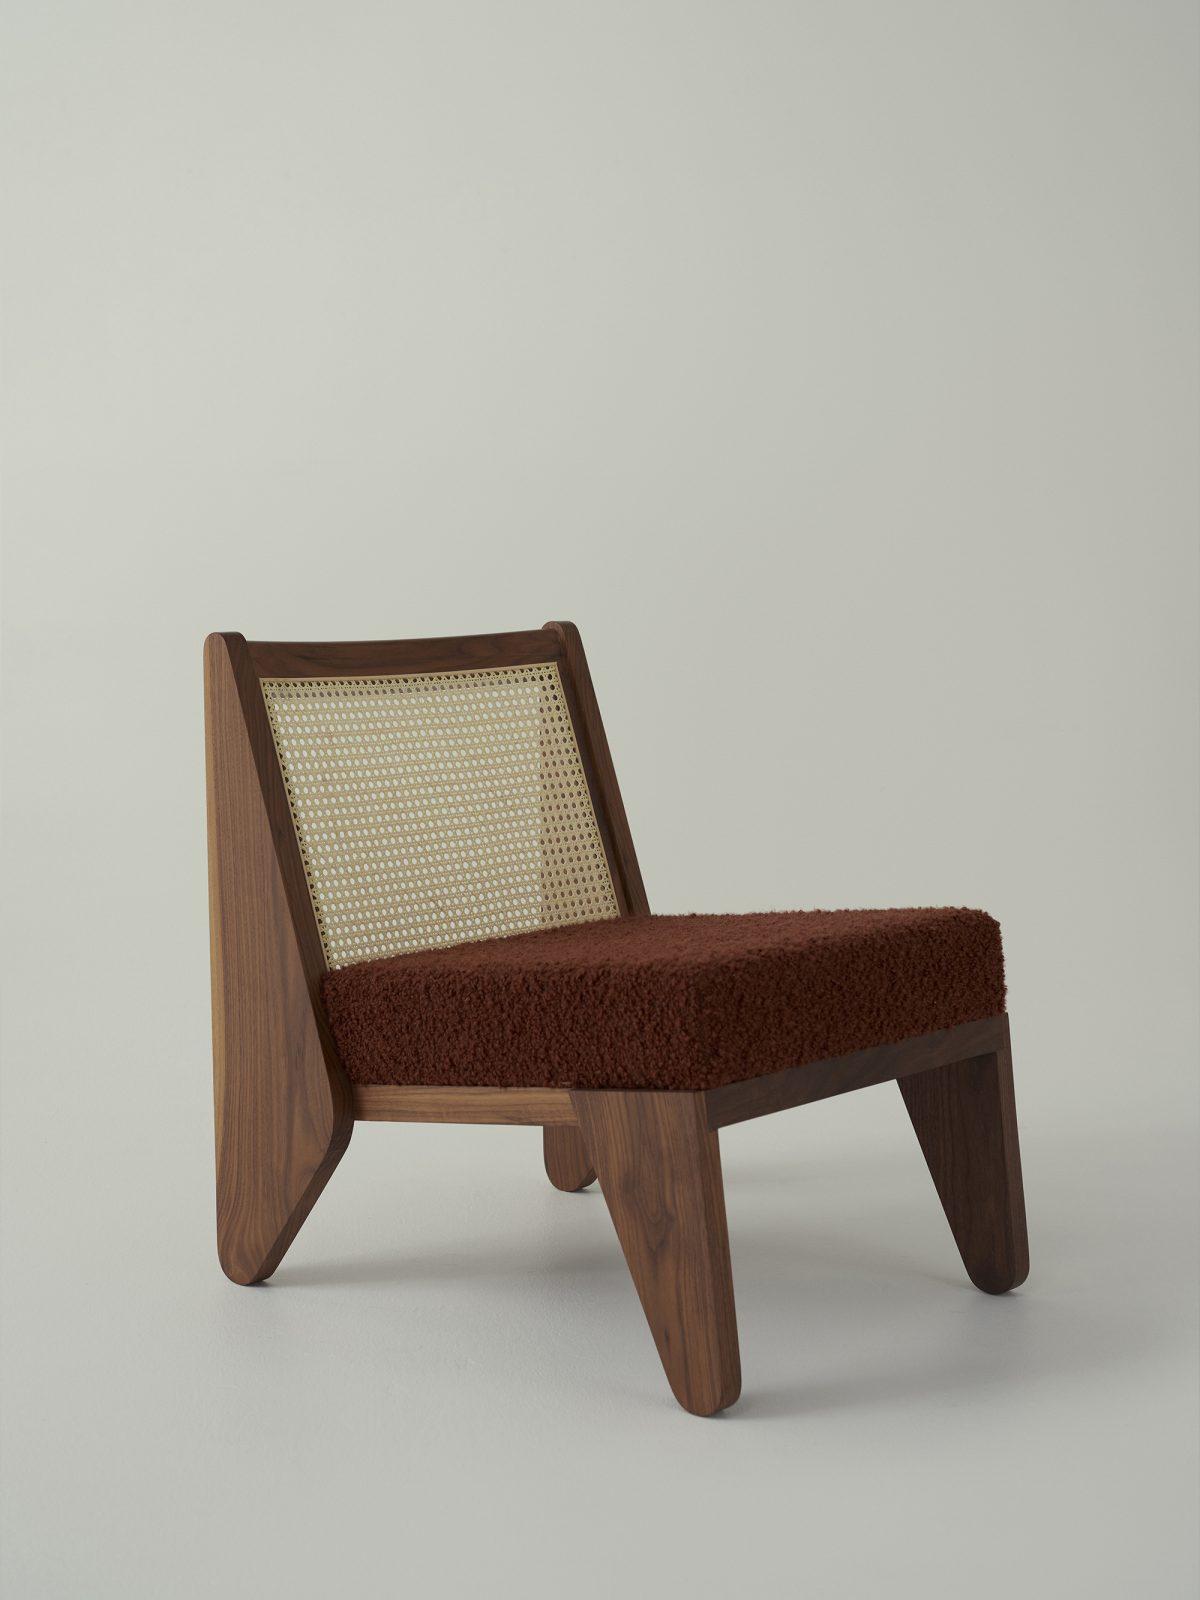 20210607 Daniel Boddam Armadillo Collection15122